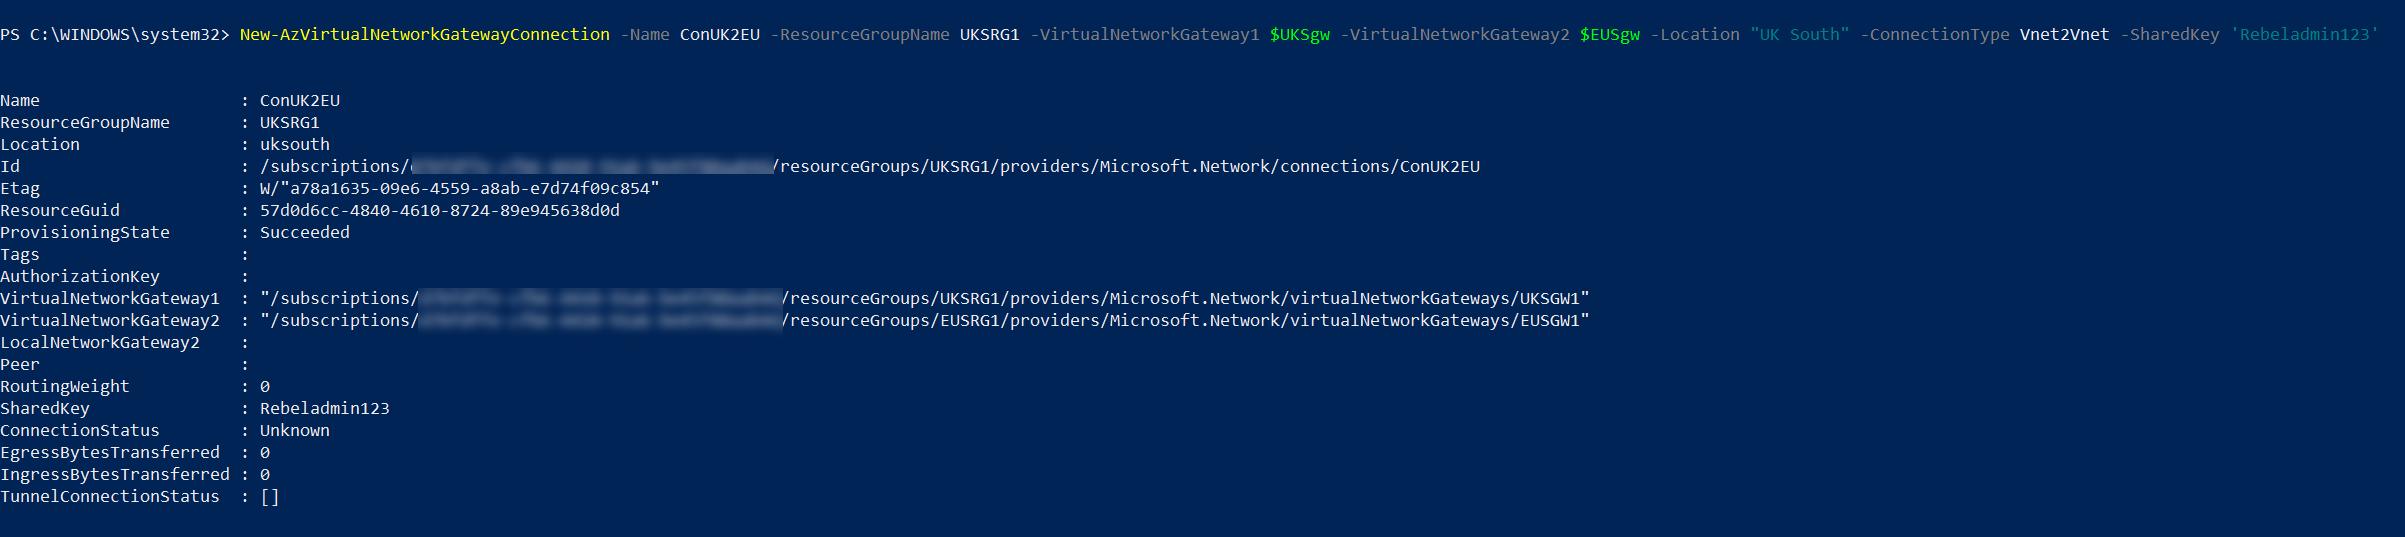 Azure VNet-to-VNet connection from UKSVnet1 to EUSVnet1